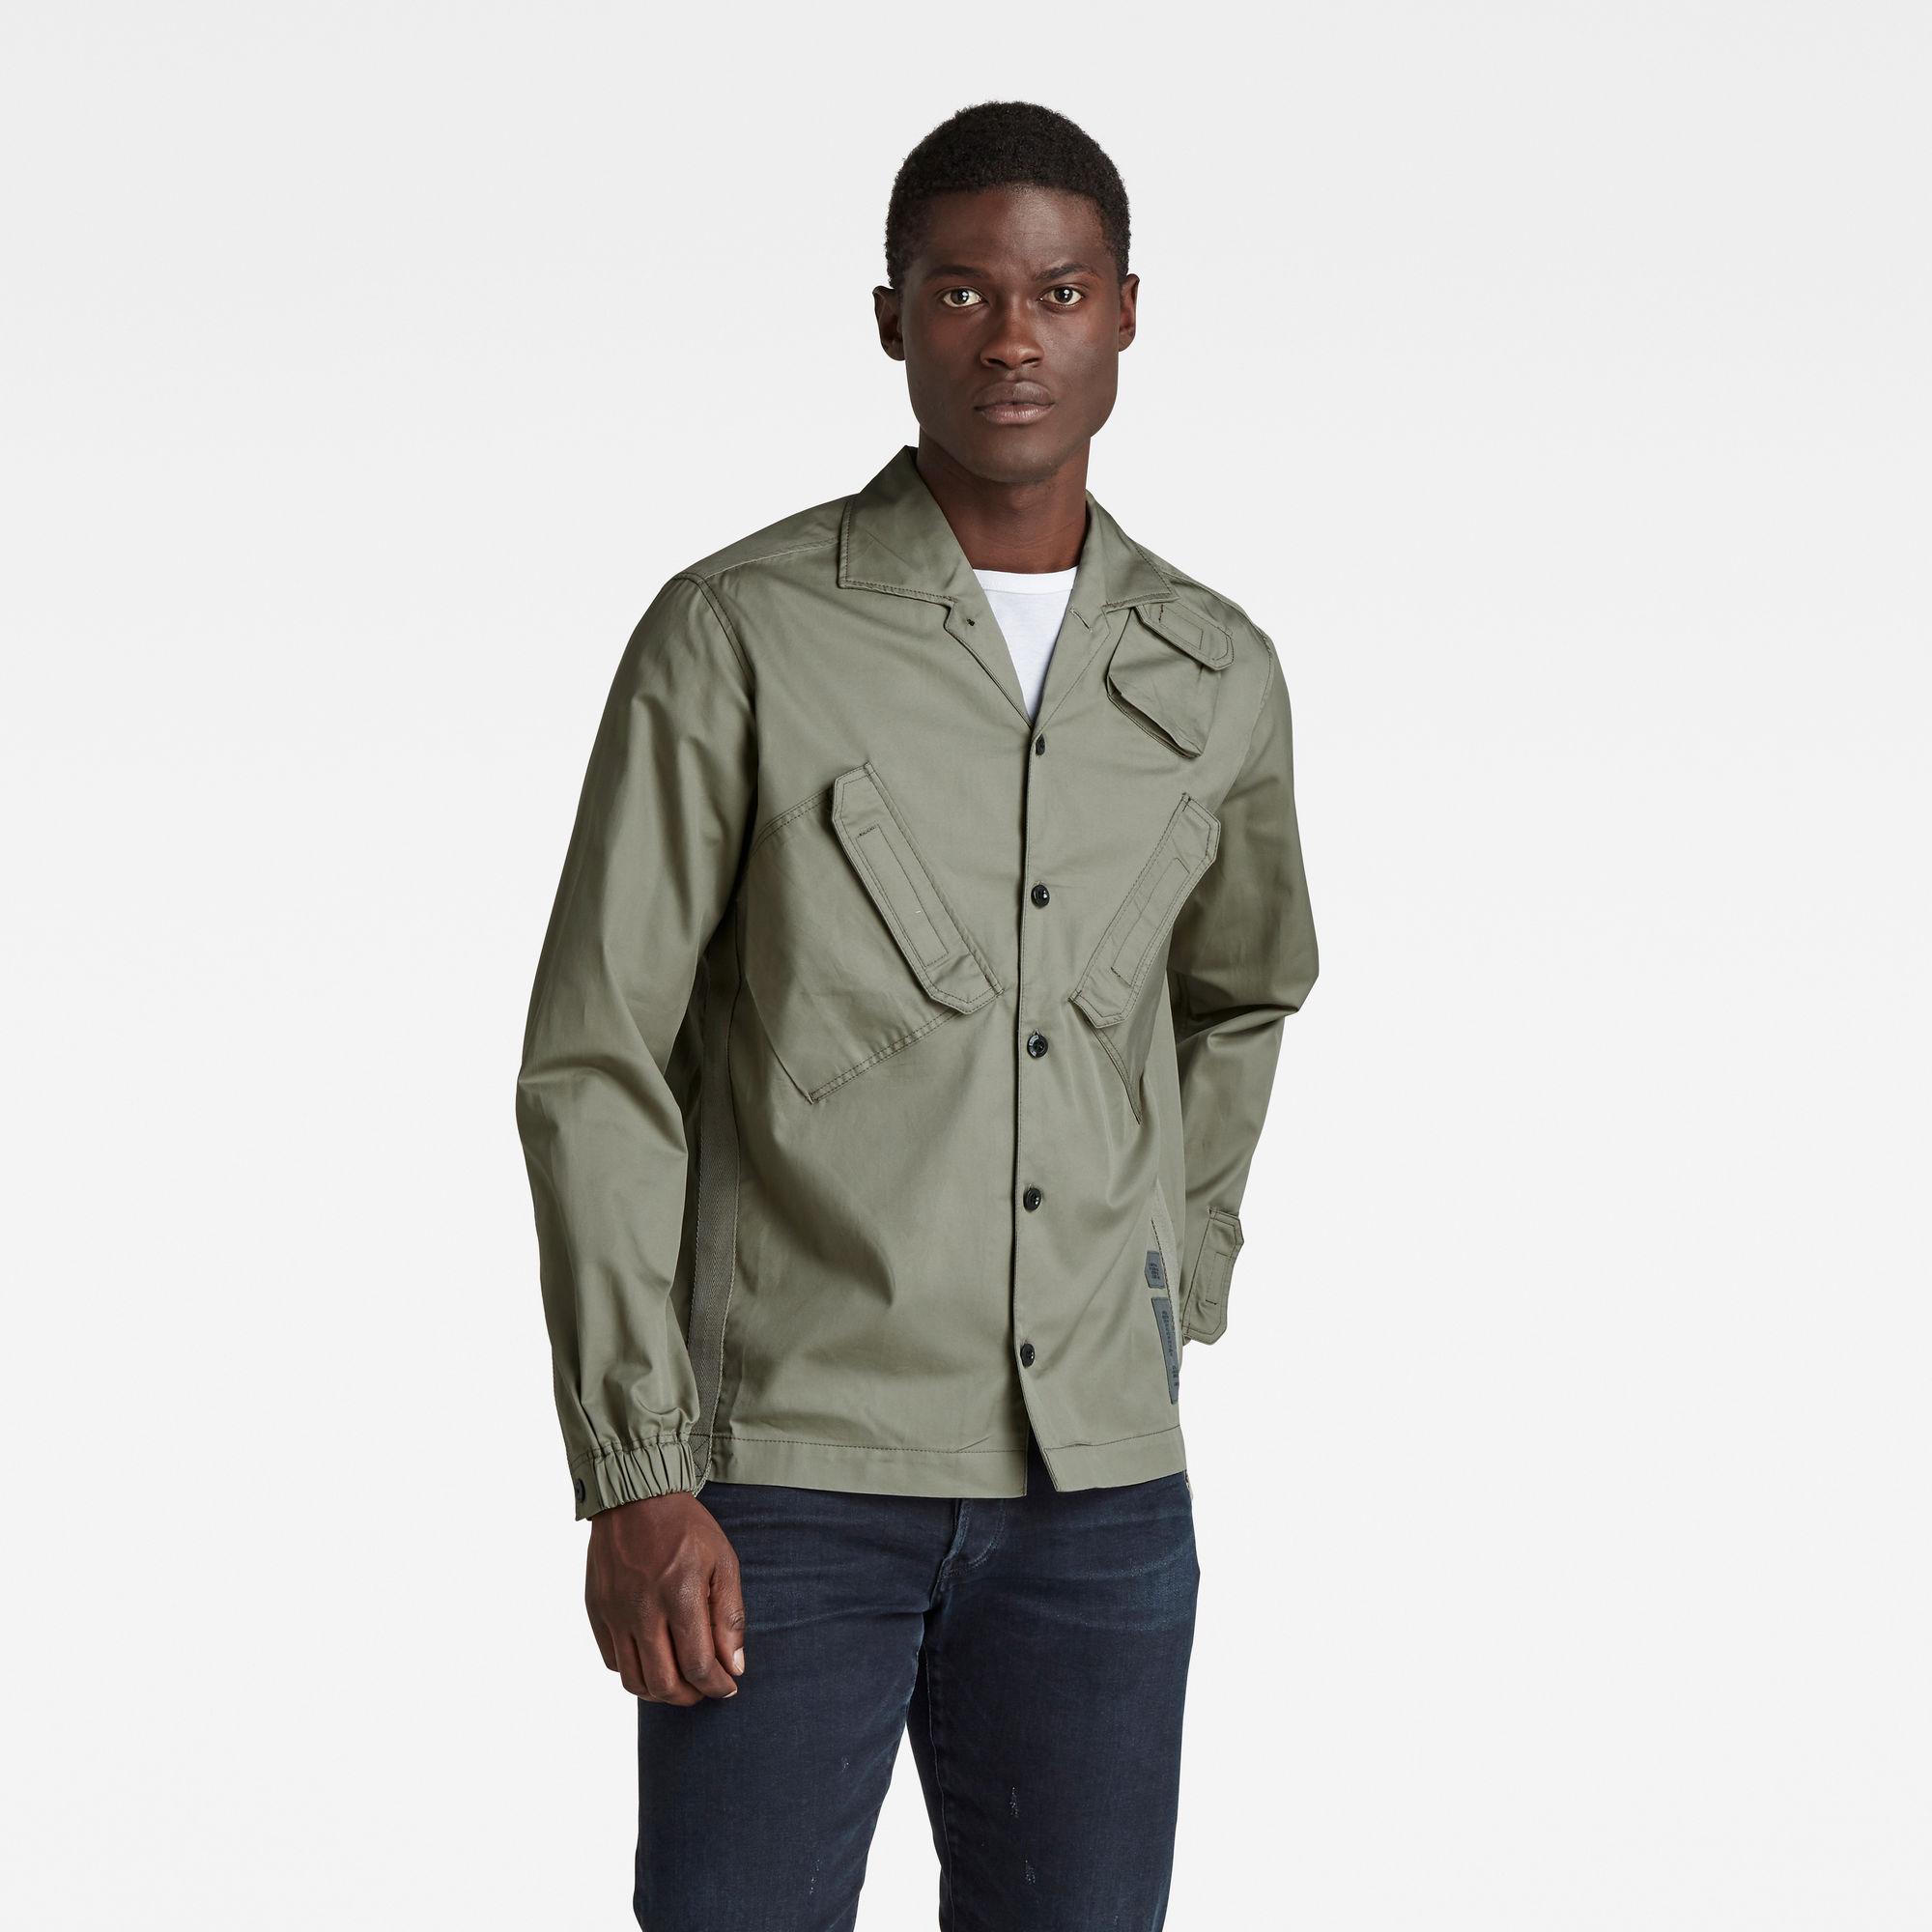 G-Star RAW Heren Multi Slant Pocket Relaxed Shirt Groen